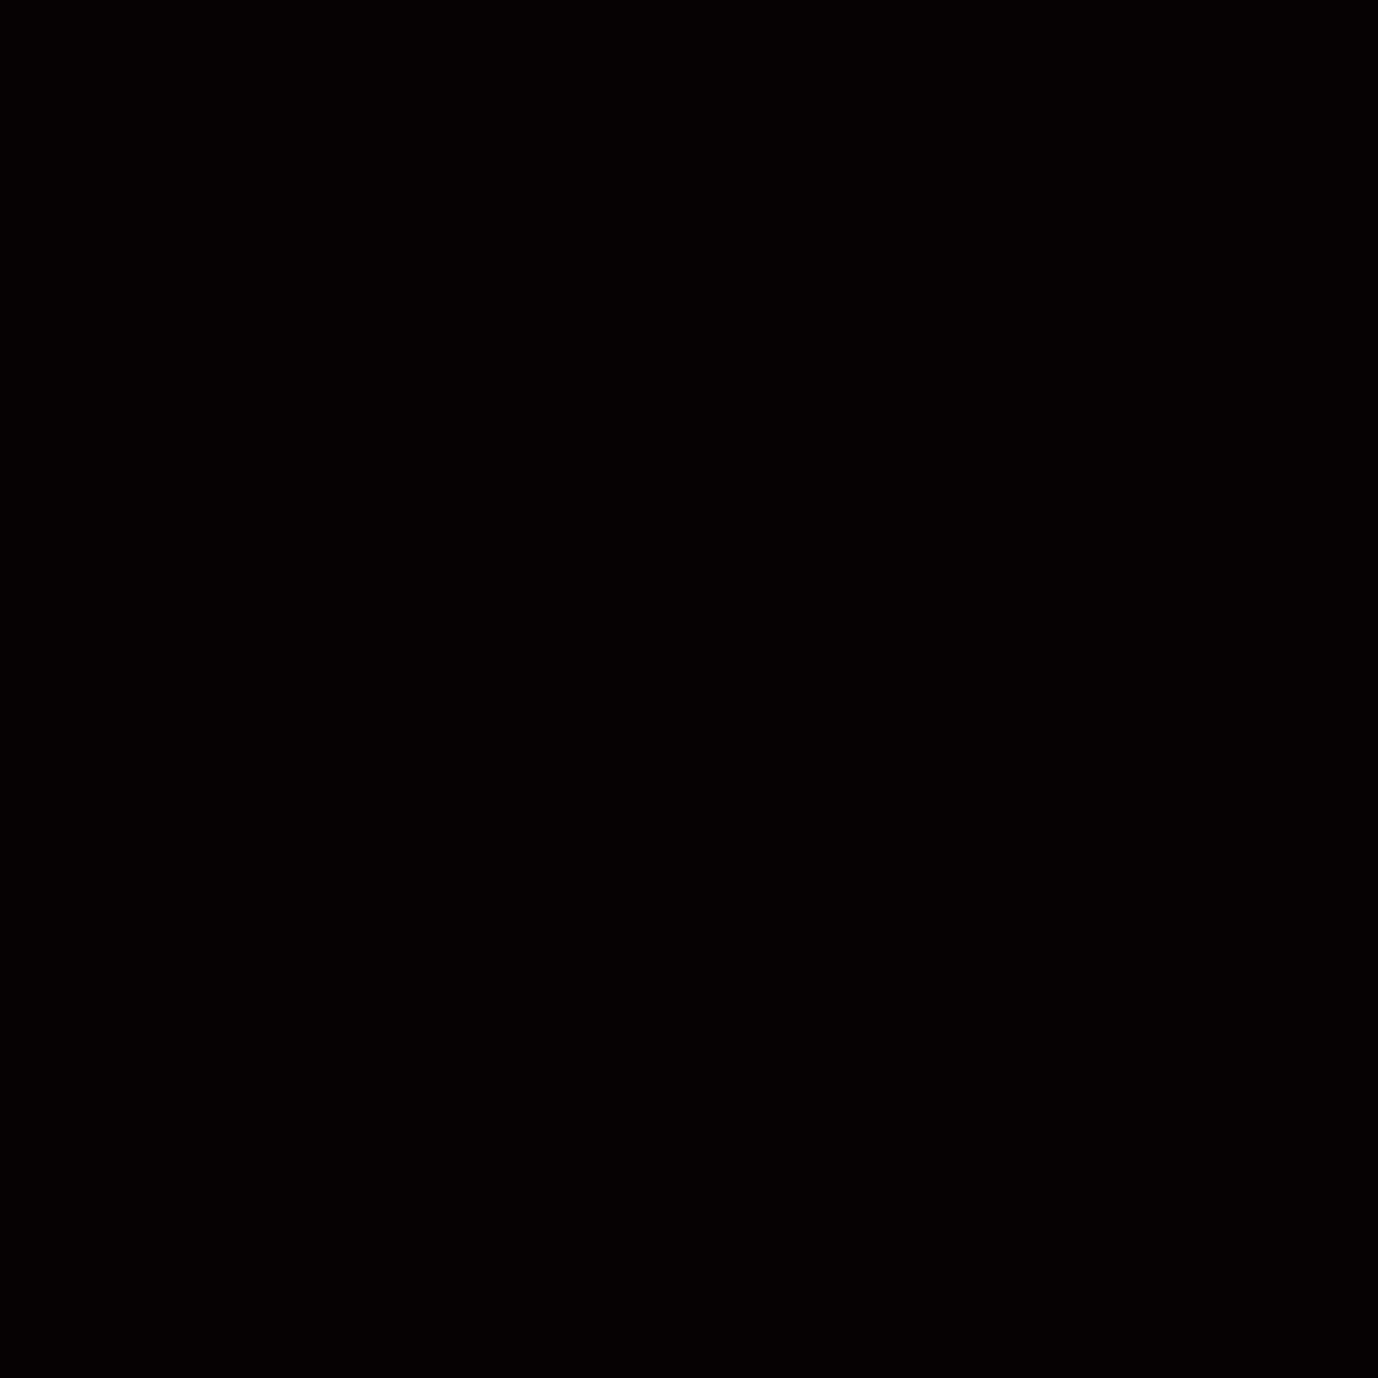 Fasio(ファシオ)パワフルカール マスカラ EX ボリュームの商品画像5